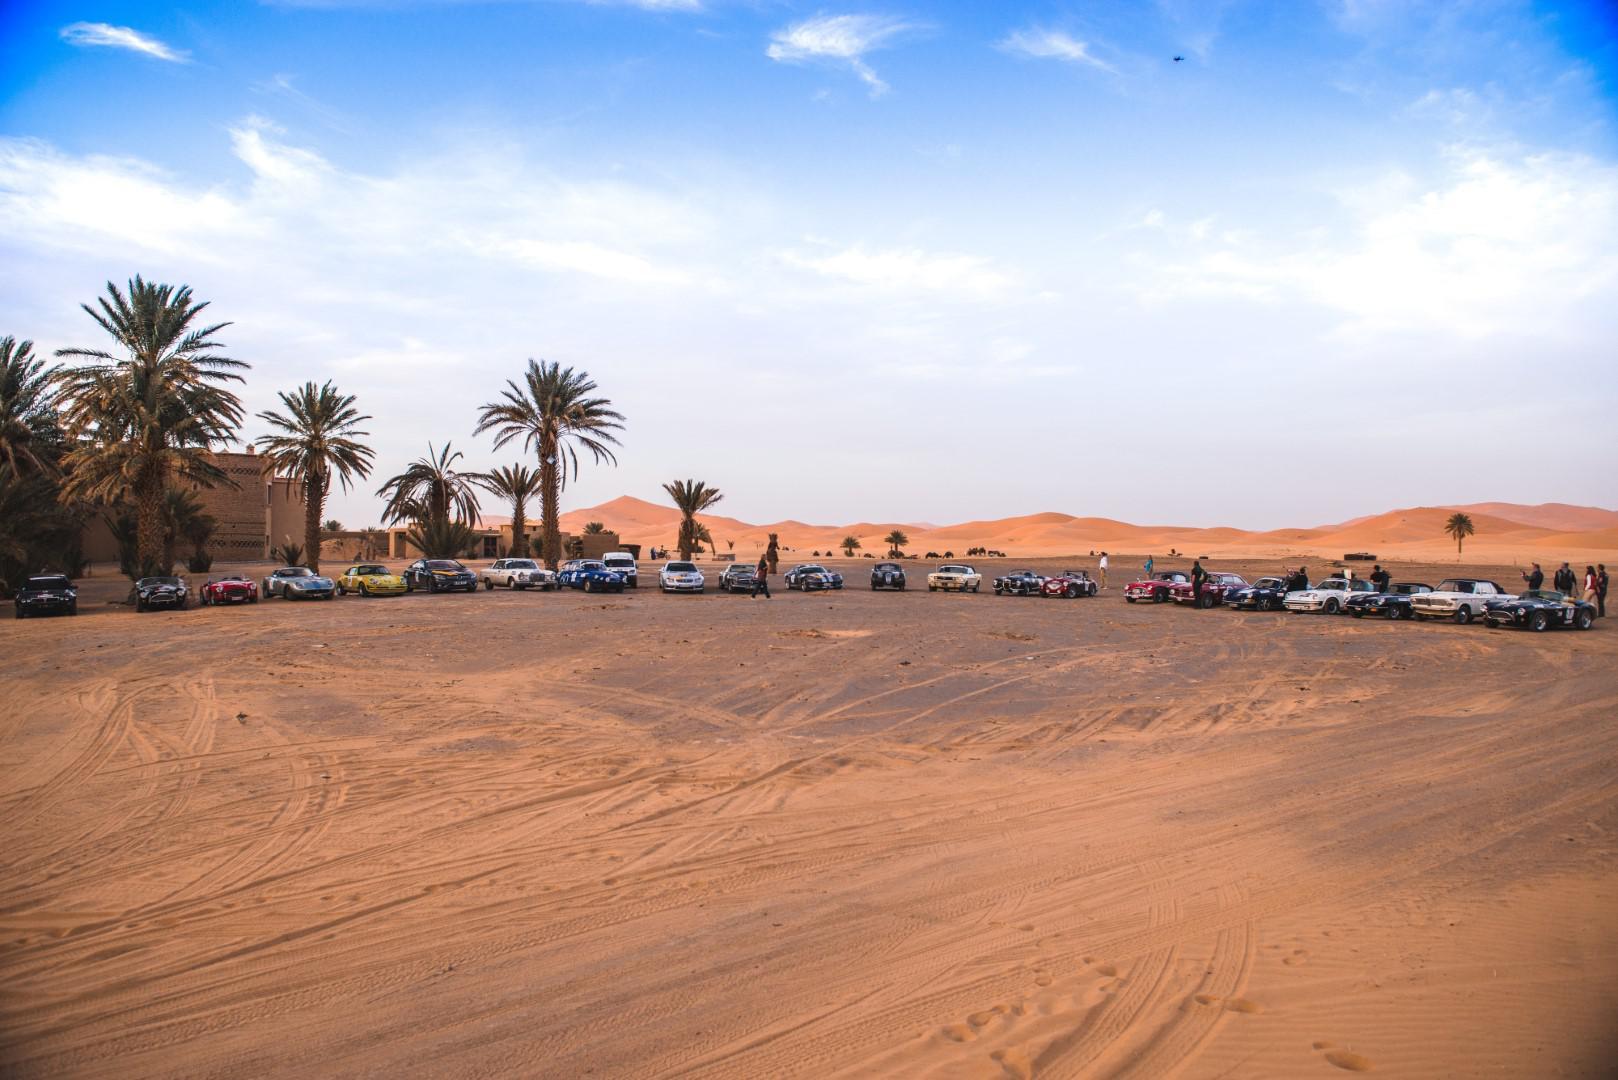 victoire-marocaine-pour-le-25eme-anniversaire-du-rallye-maroc-classic-680-18.jpg